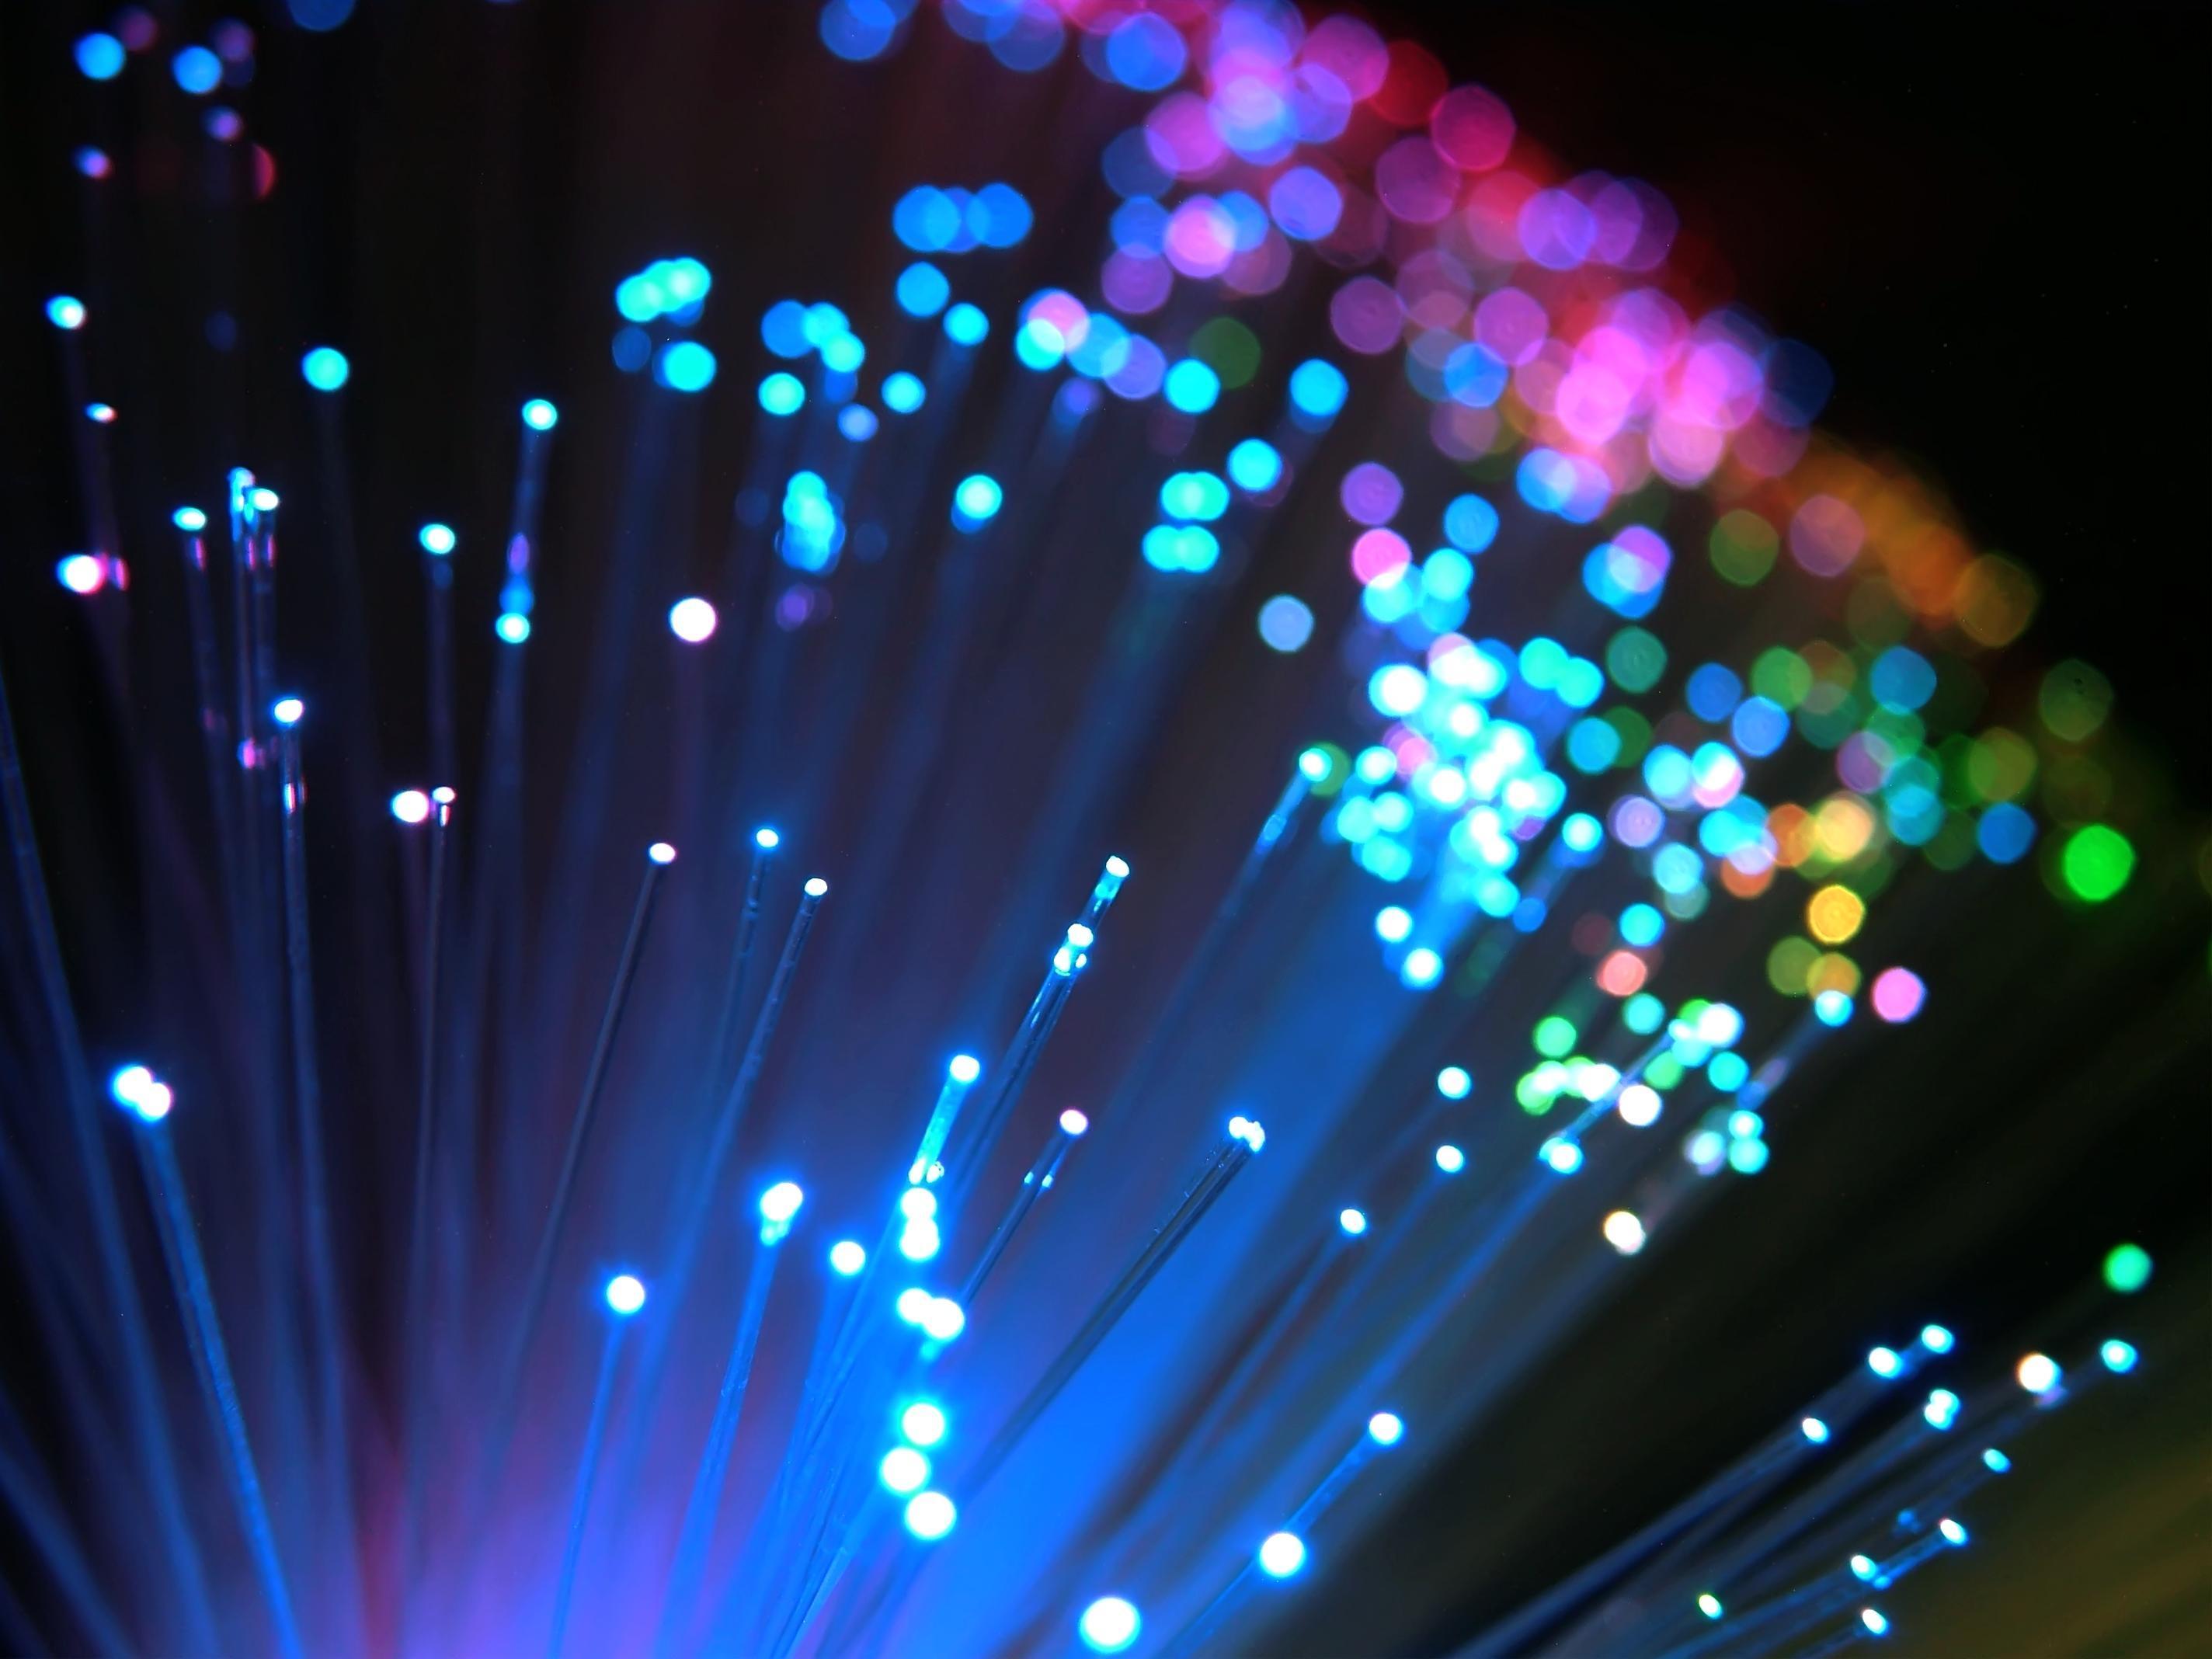 5. 最快的網速  韓國以每秒33.5Mbps的網速稱霸全球 這個速度比第二名的香港幾乎快了3倍